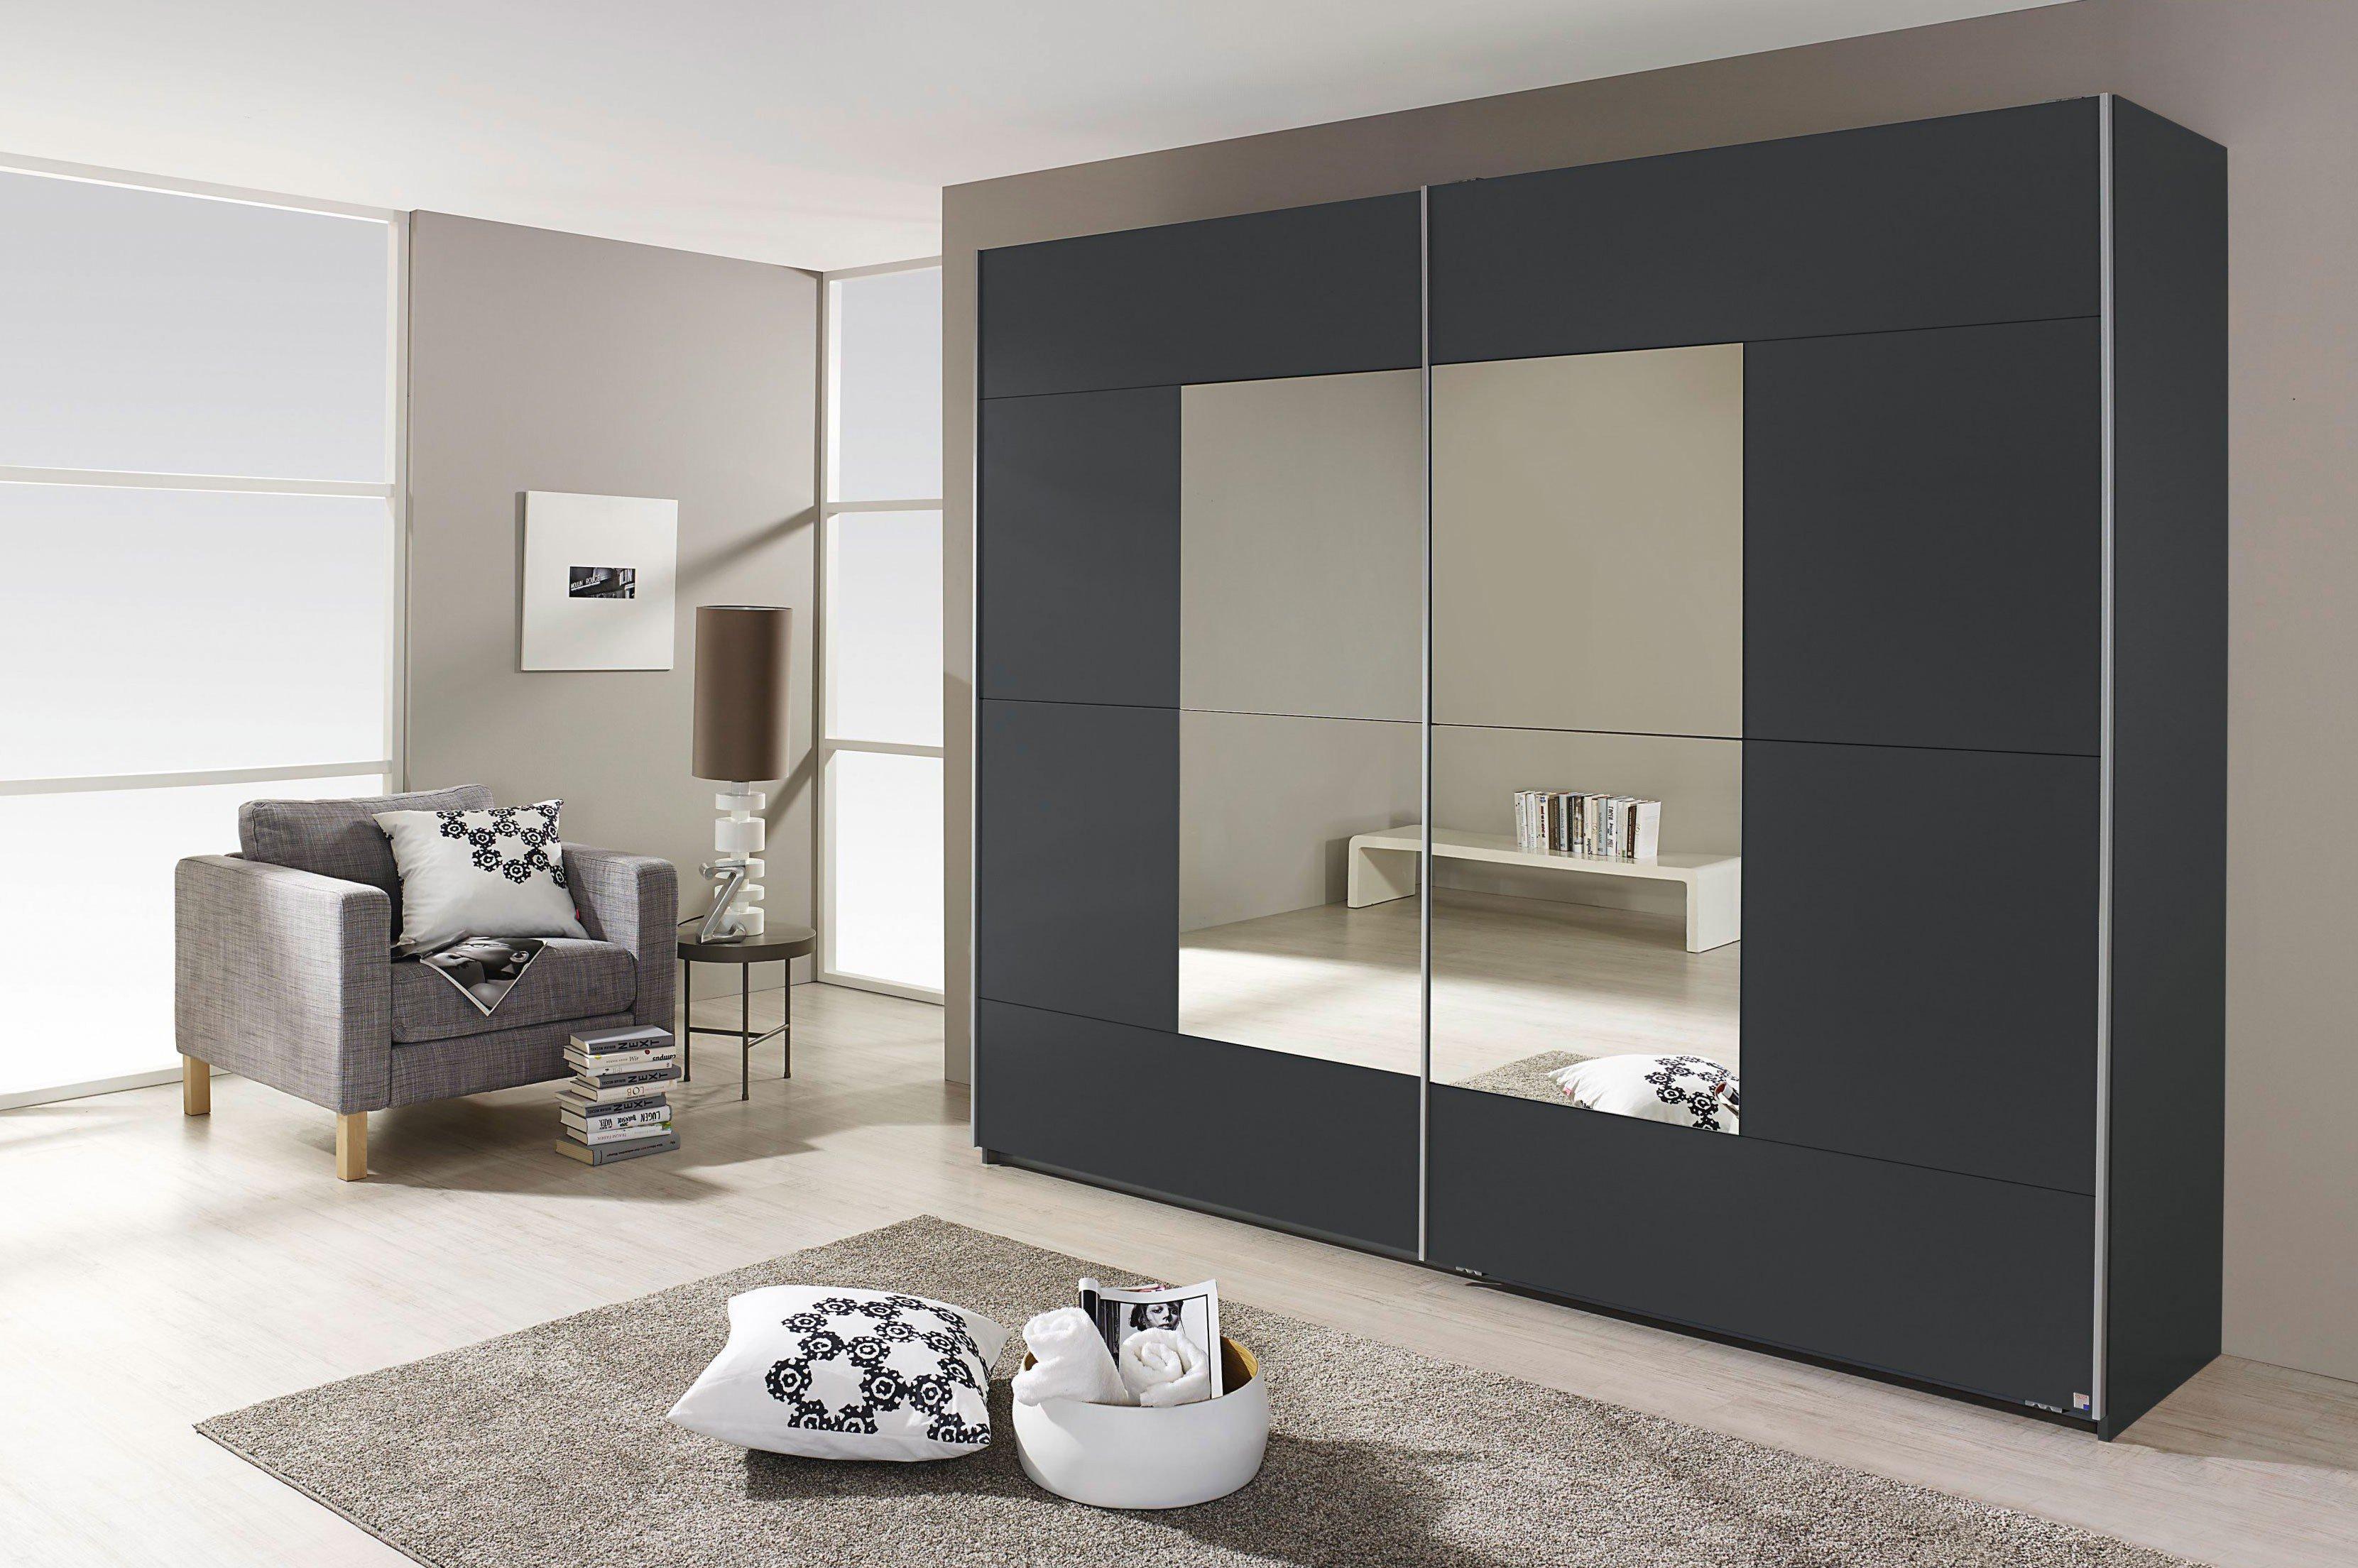 Schwebetürenschrank grau schwarz  Rauch Crato Schrank grau Sonderpreis | Möbel Letz - Ihr Online-Shop